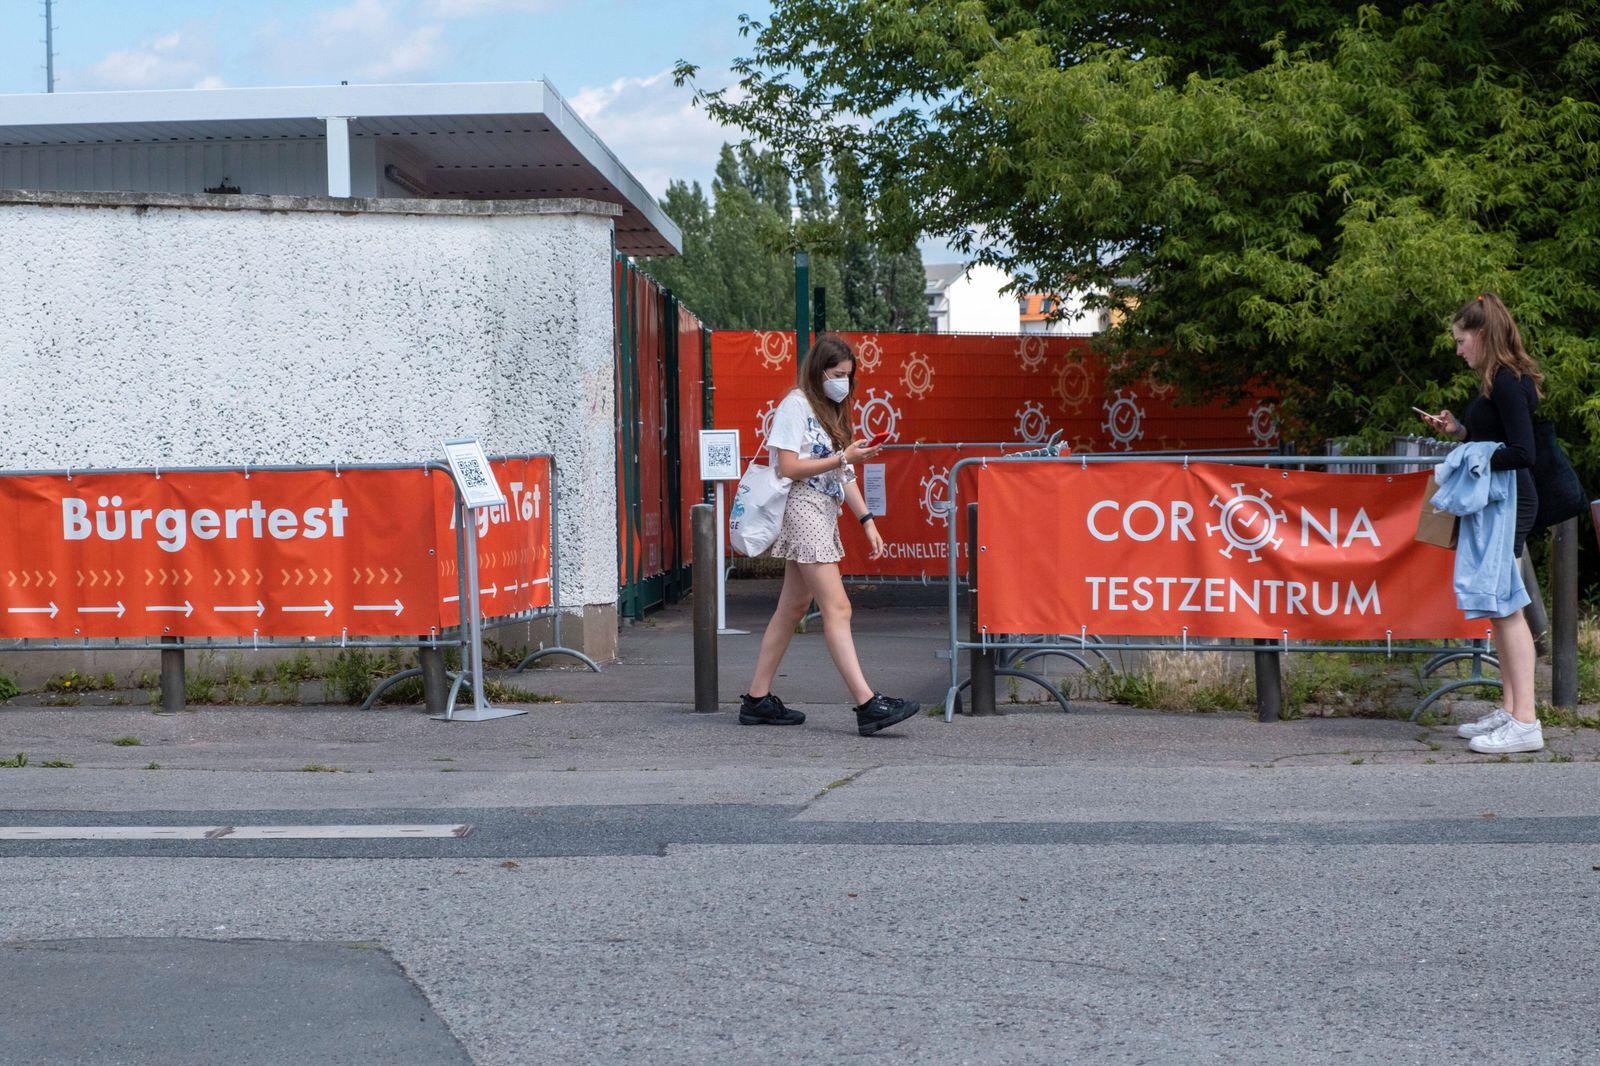 Corona-Testzentrum im Berliner Stadtteil Prenzlauer Berg. An vielen Orten in Berlin gibt es die Möglichkeit für kostenlo